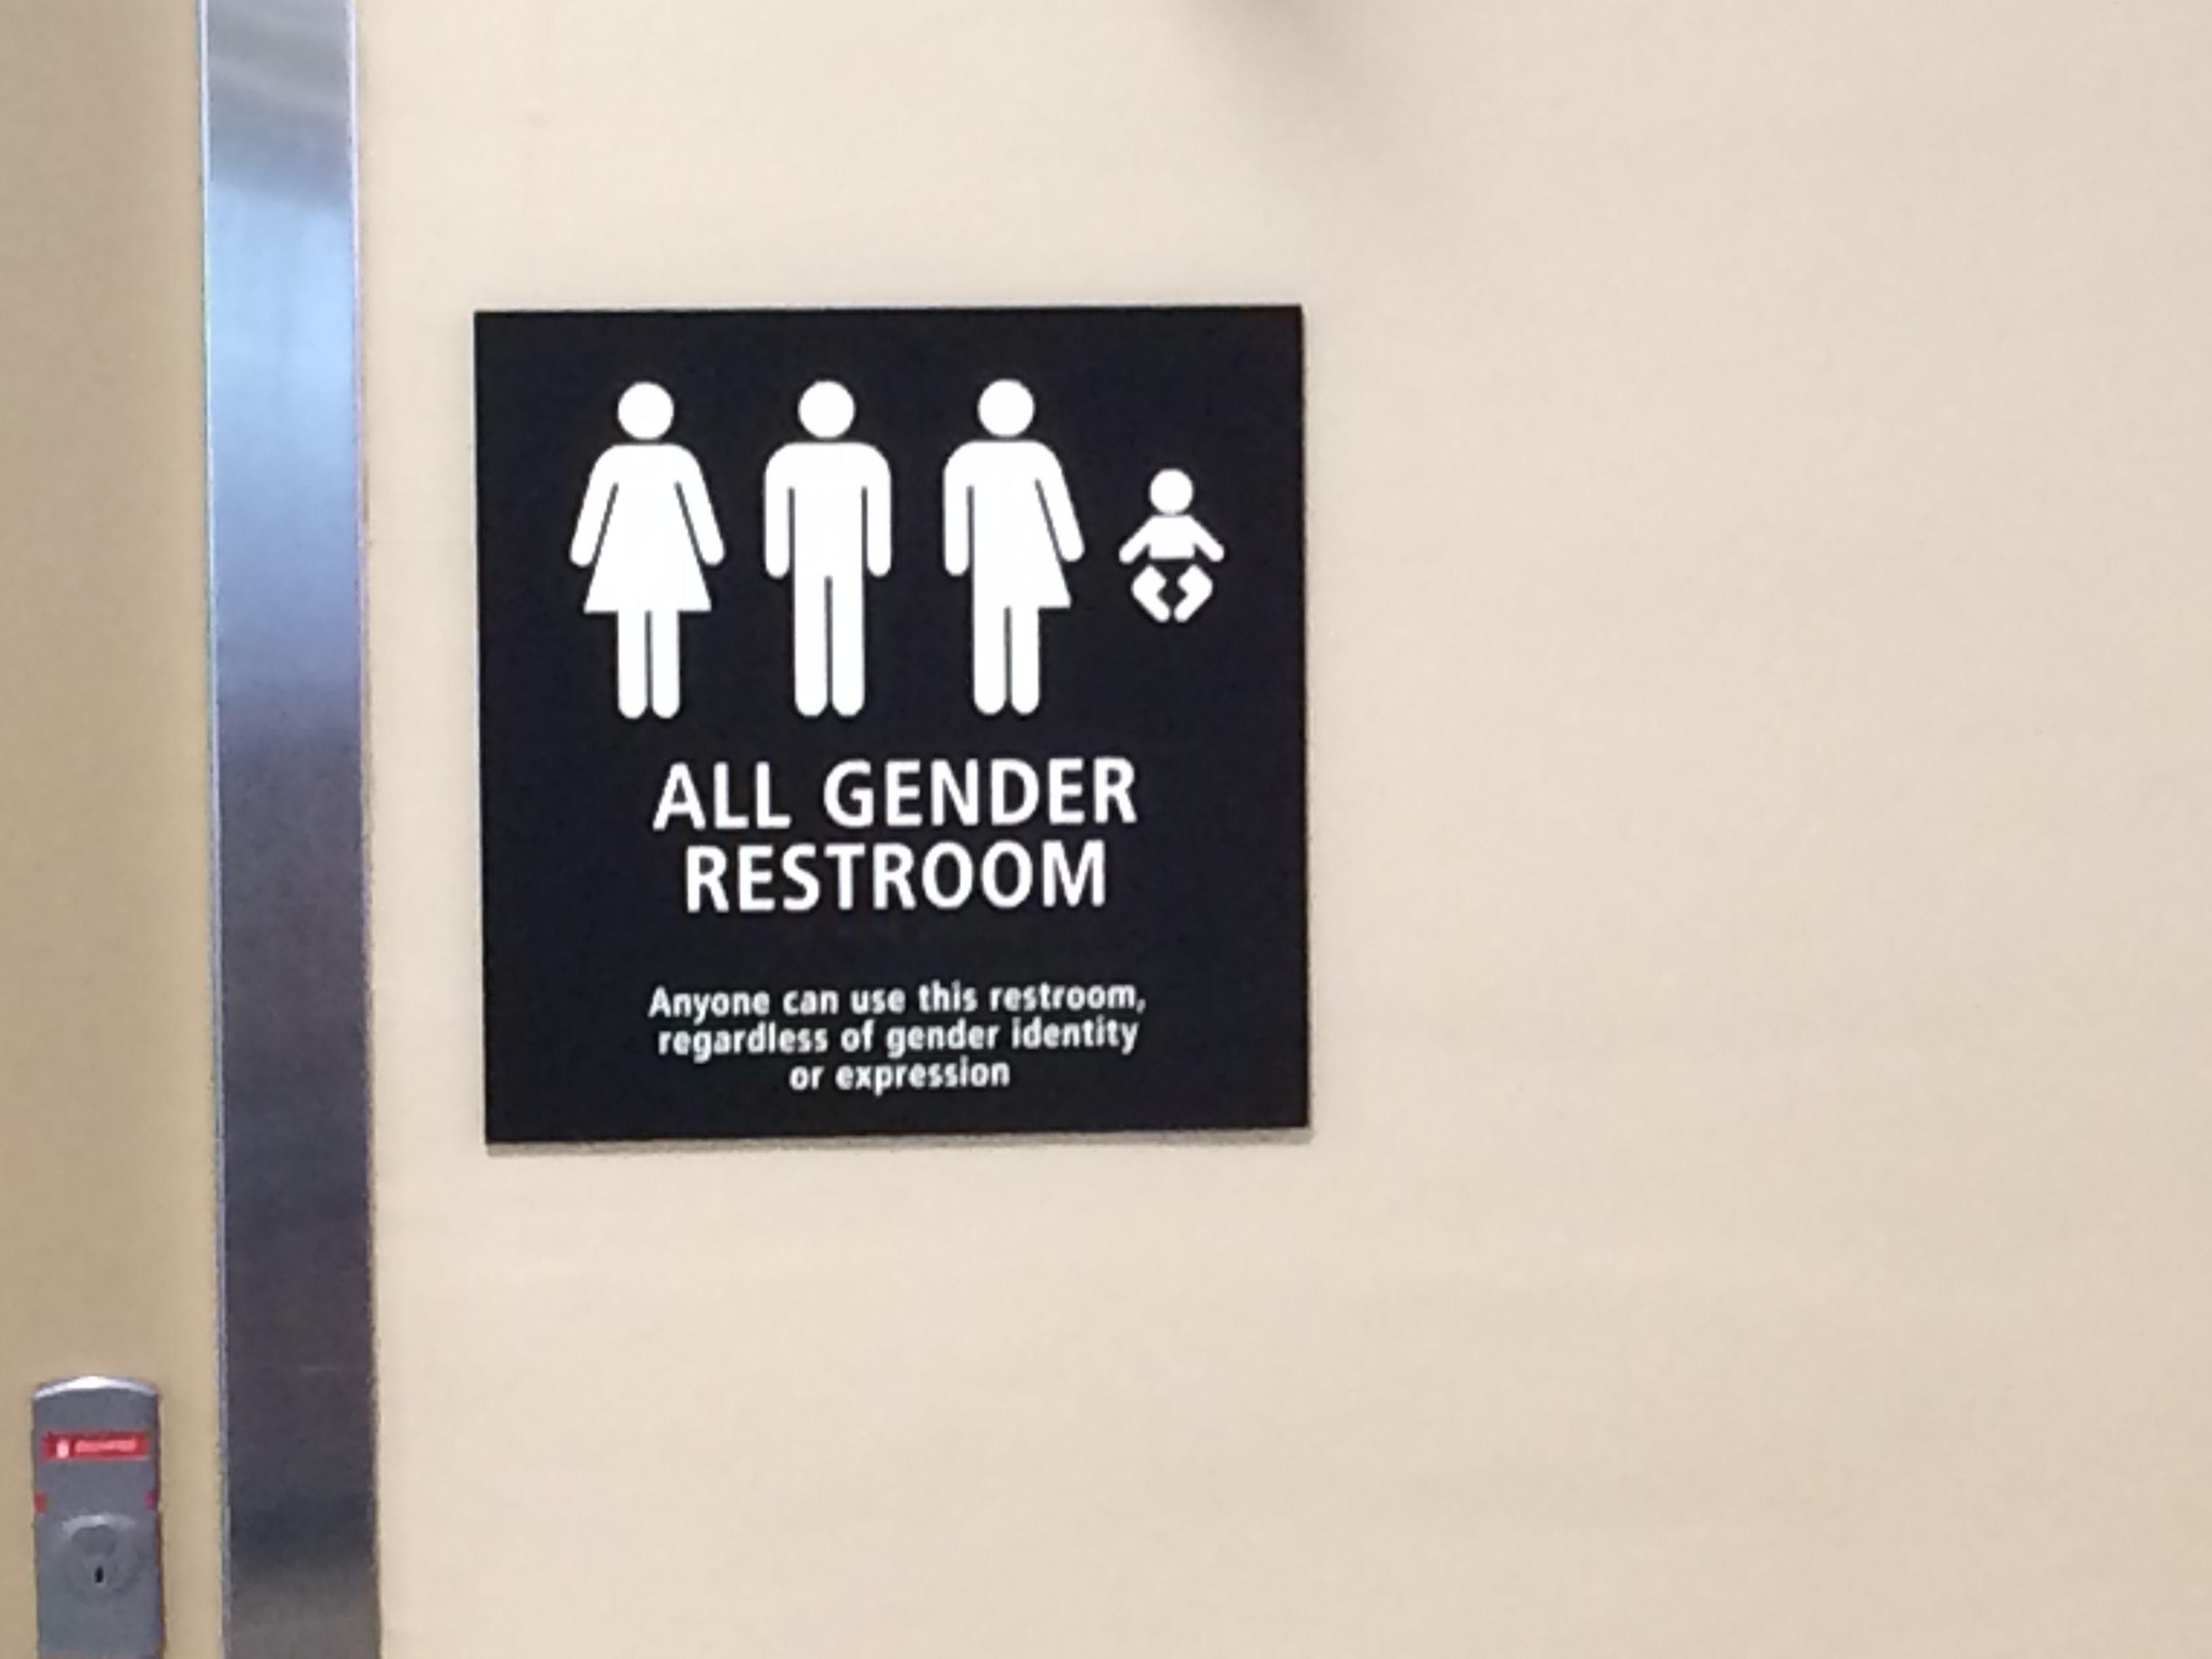 All Gender Restroom San Diego Airport All Gender Restroom Restroom Lettering